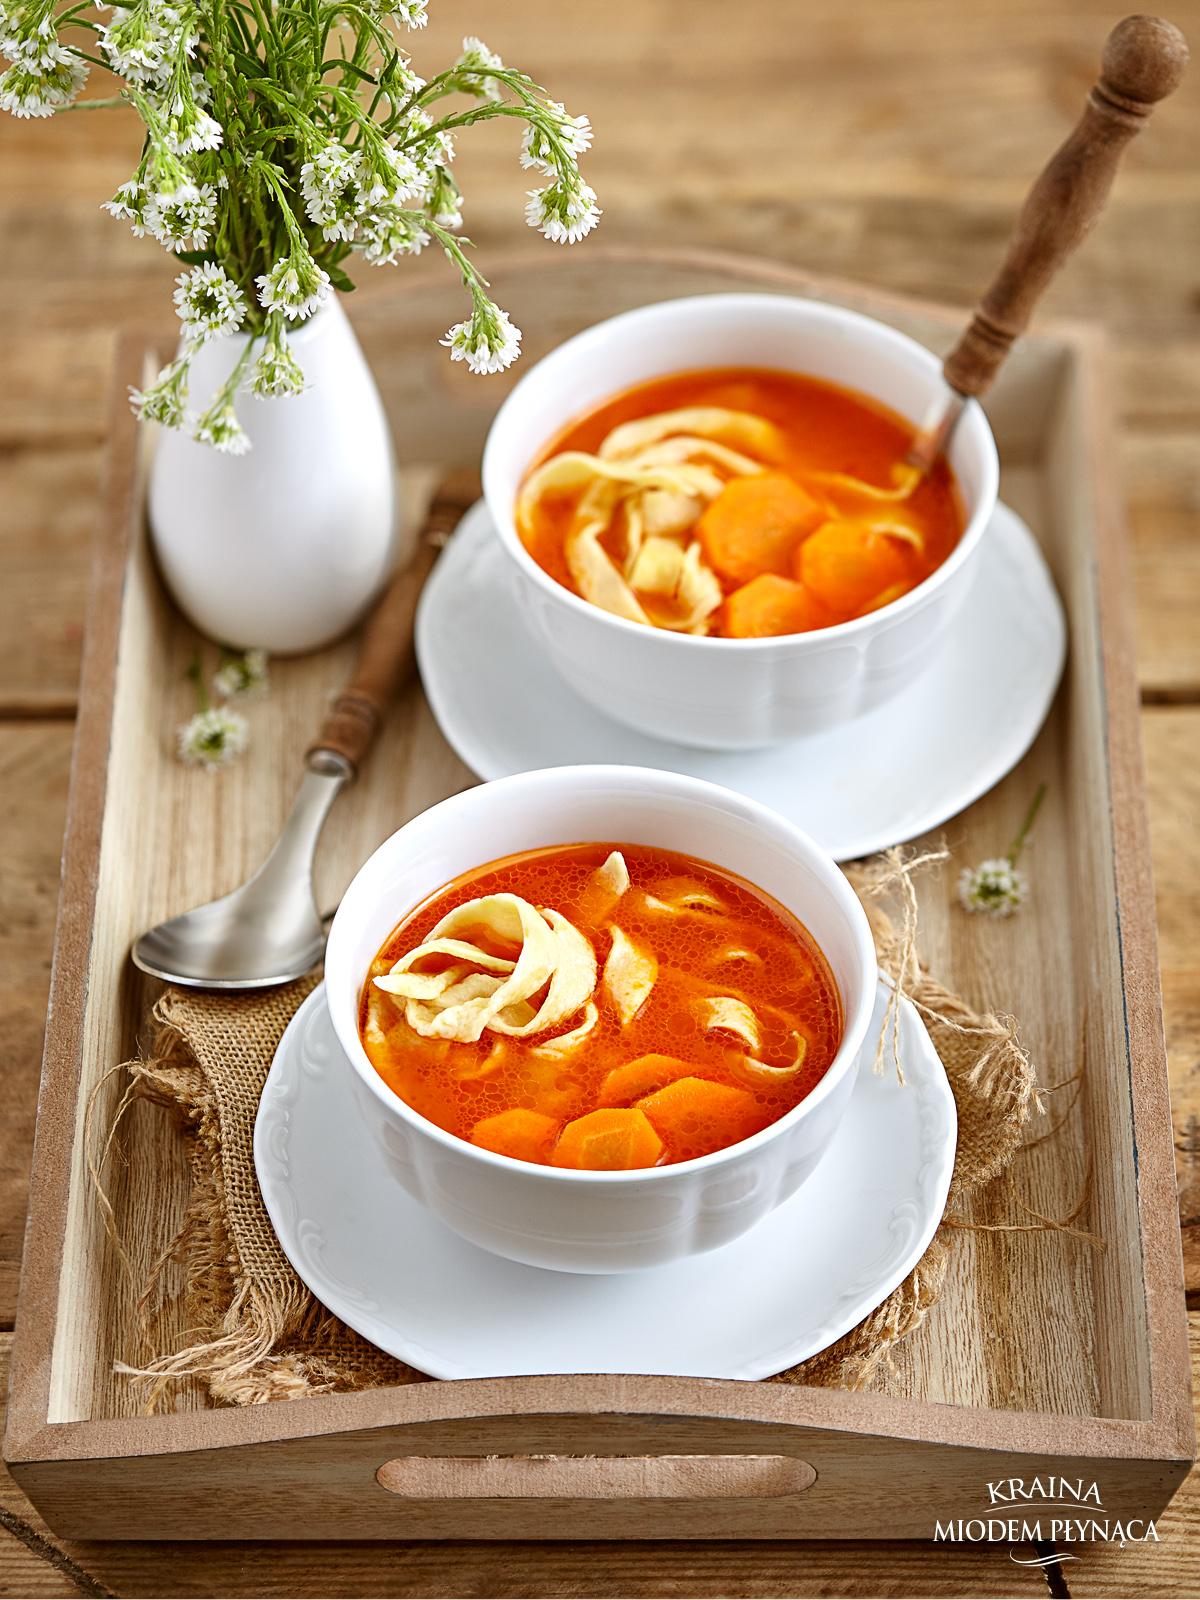 zupa pomidorowa ze świeżych pomidorów, zupa ze świeżymi pomidorami, pomidorówka z pomidorów, kraina miodem płynąca